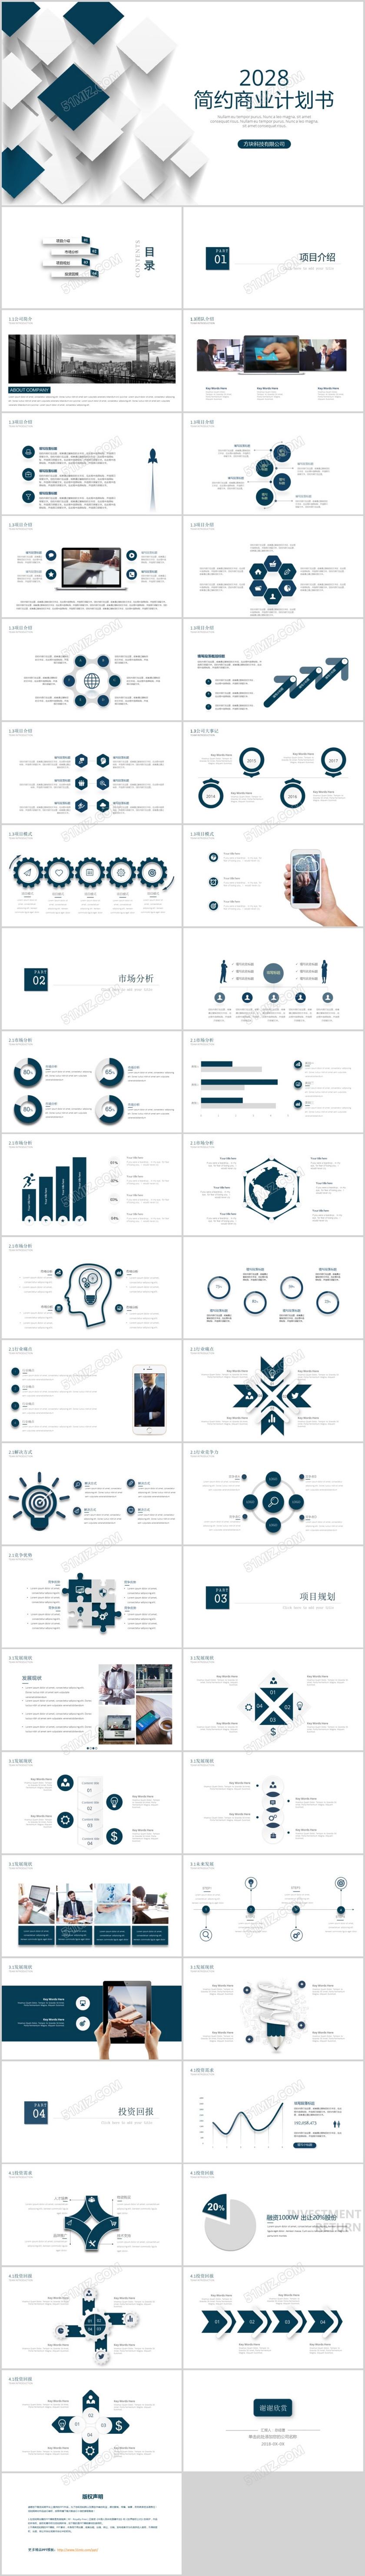 艺术简约创意个性商业计划书创业融资项目投资商业路演企业介绍